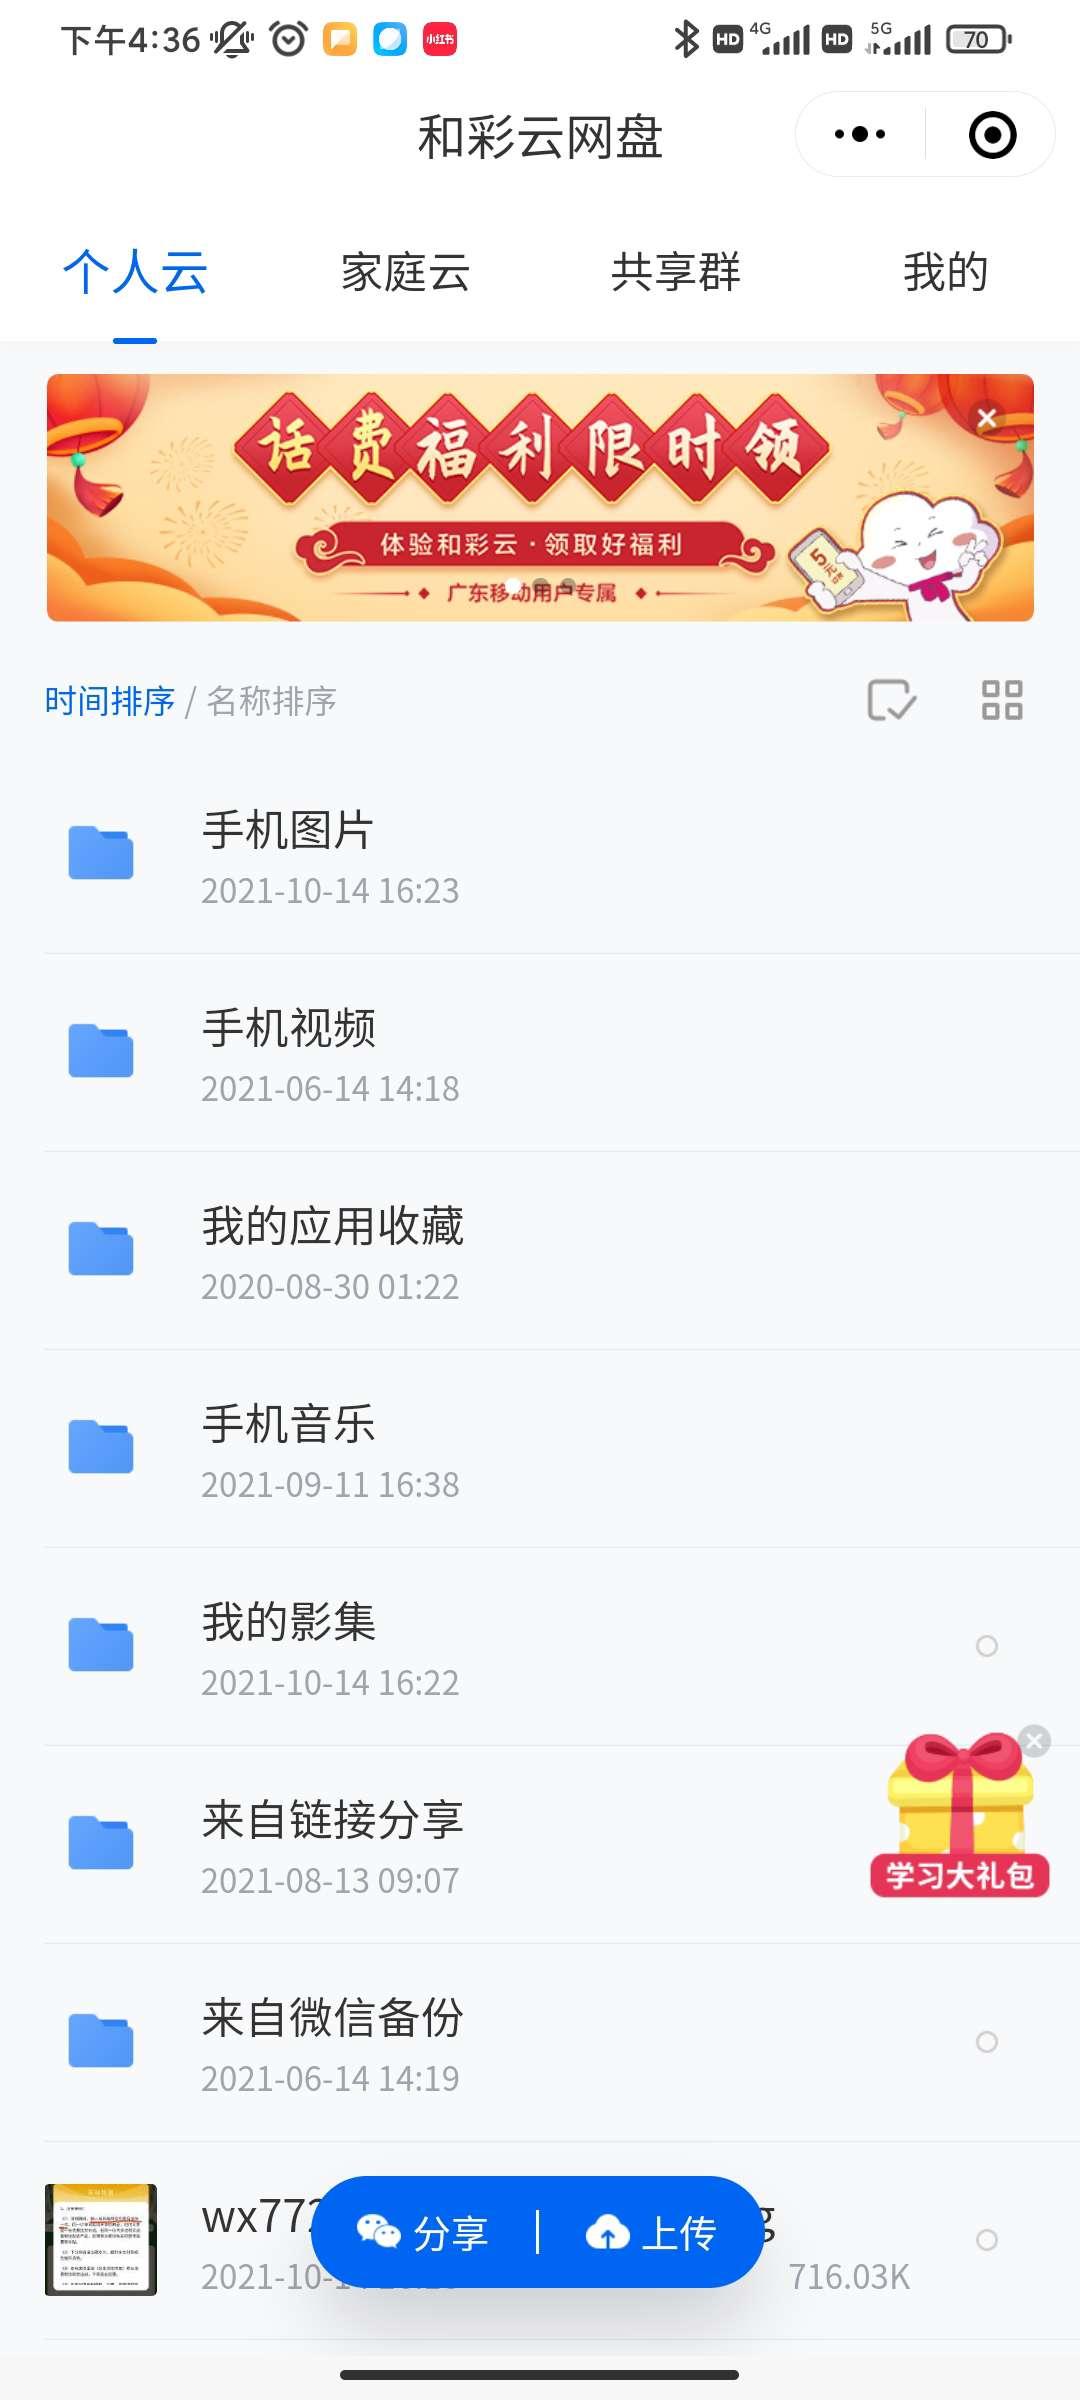 广东省客户免费下载和彩云得十元手机话费插图3